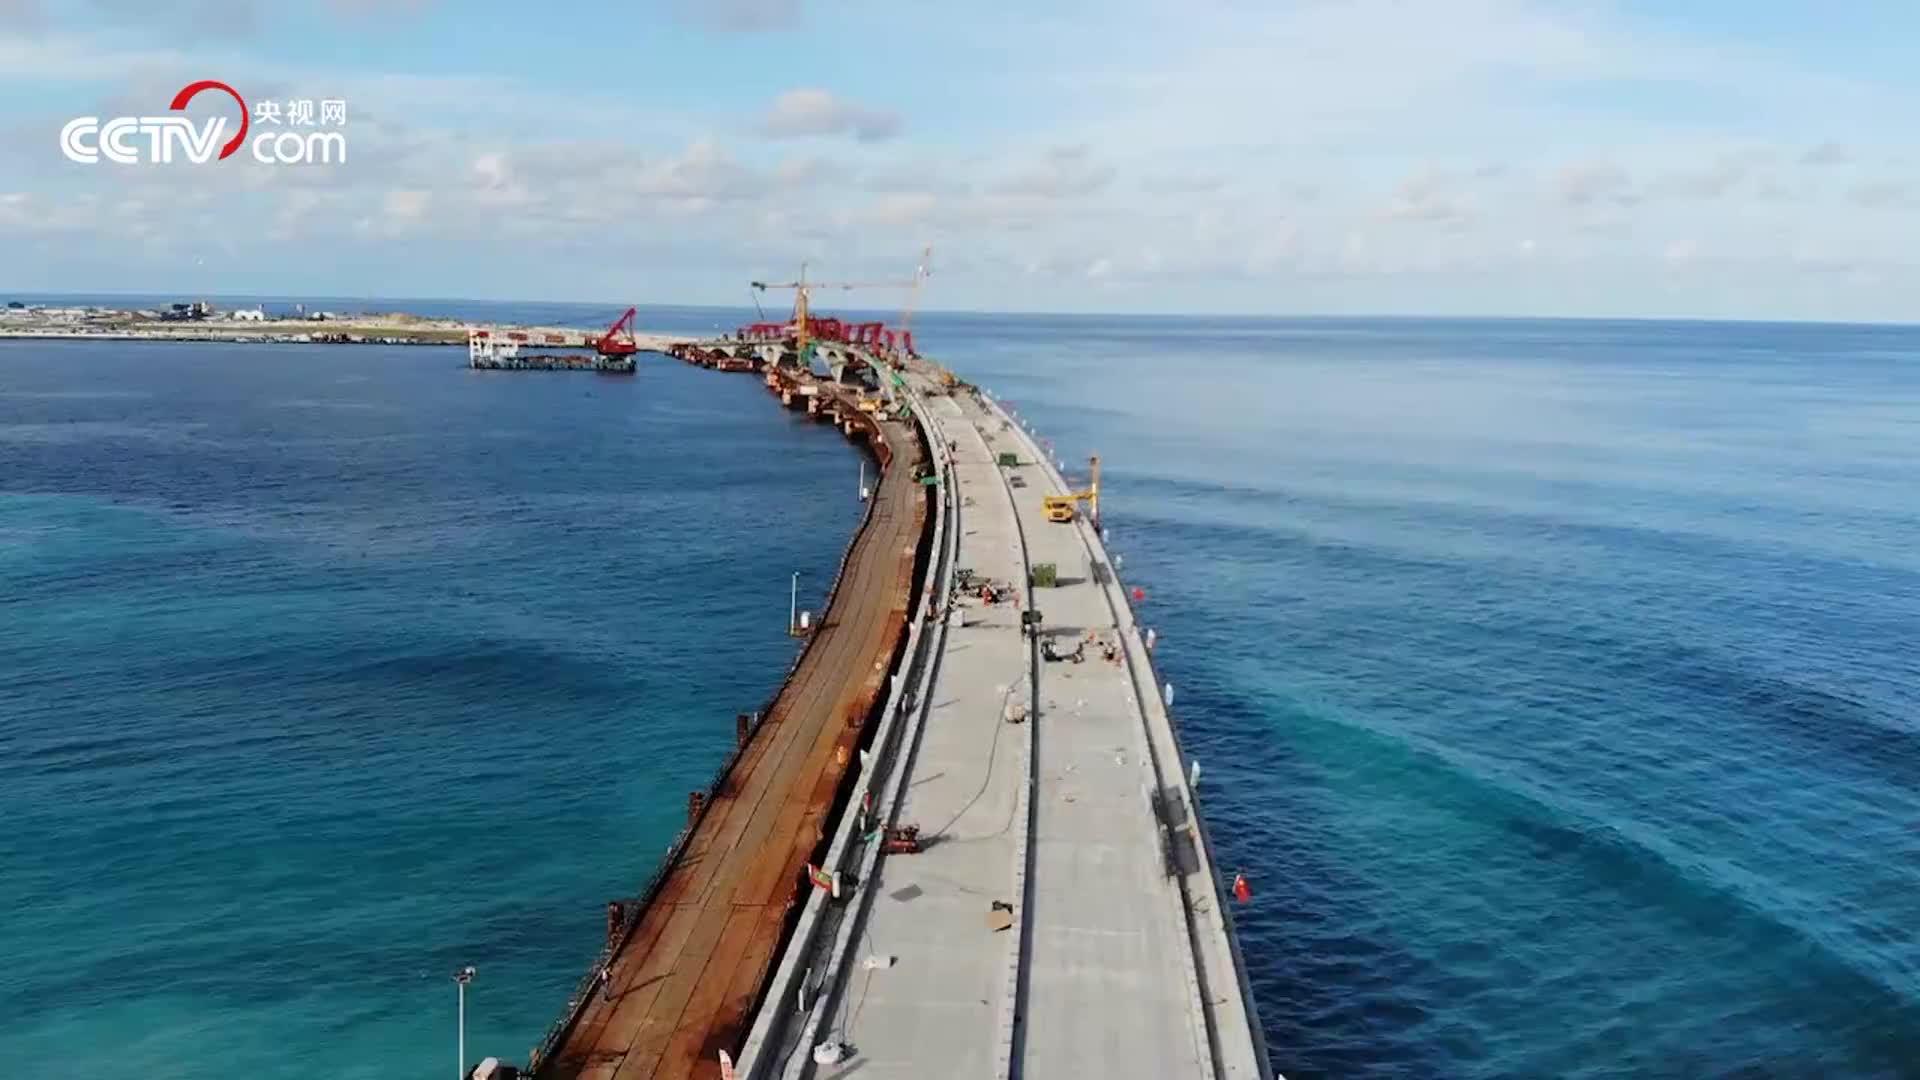 [视频]看中国建桥实力!30秒延时摄影